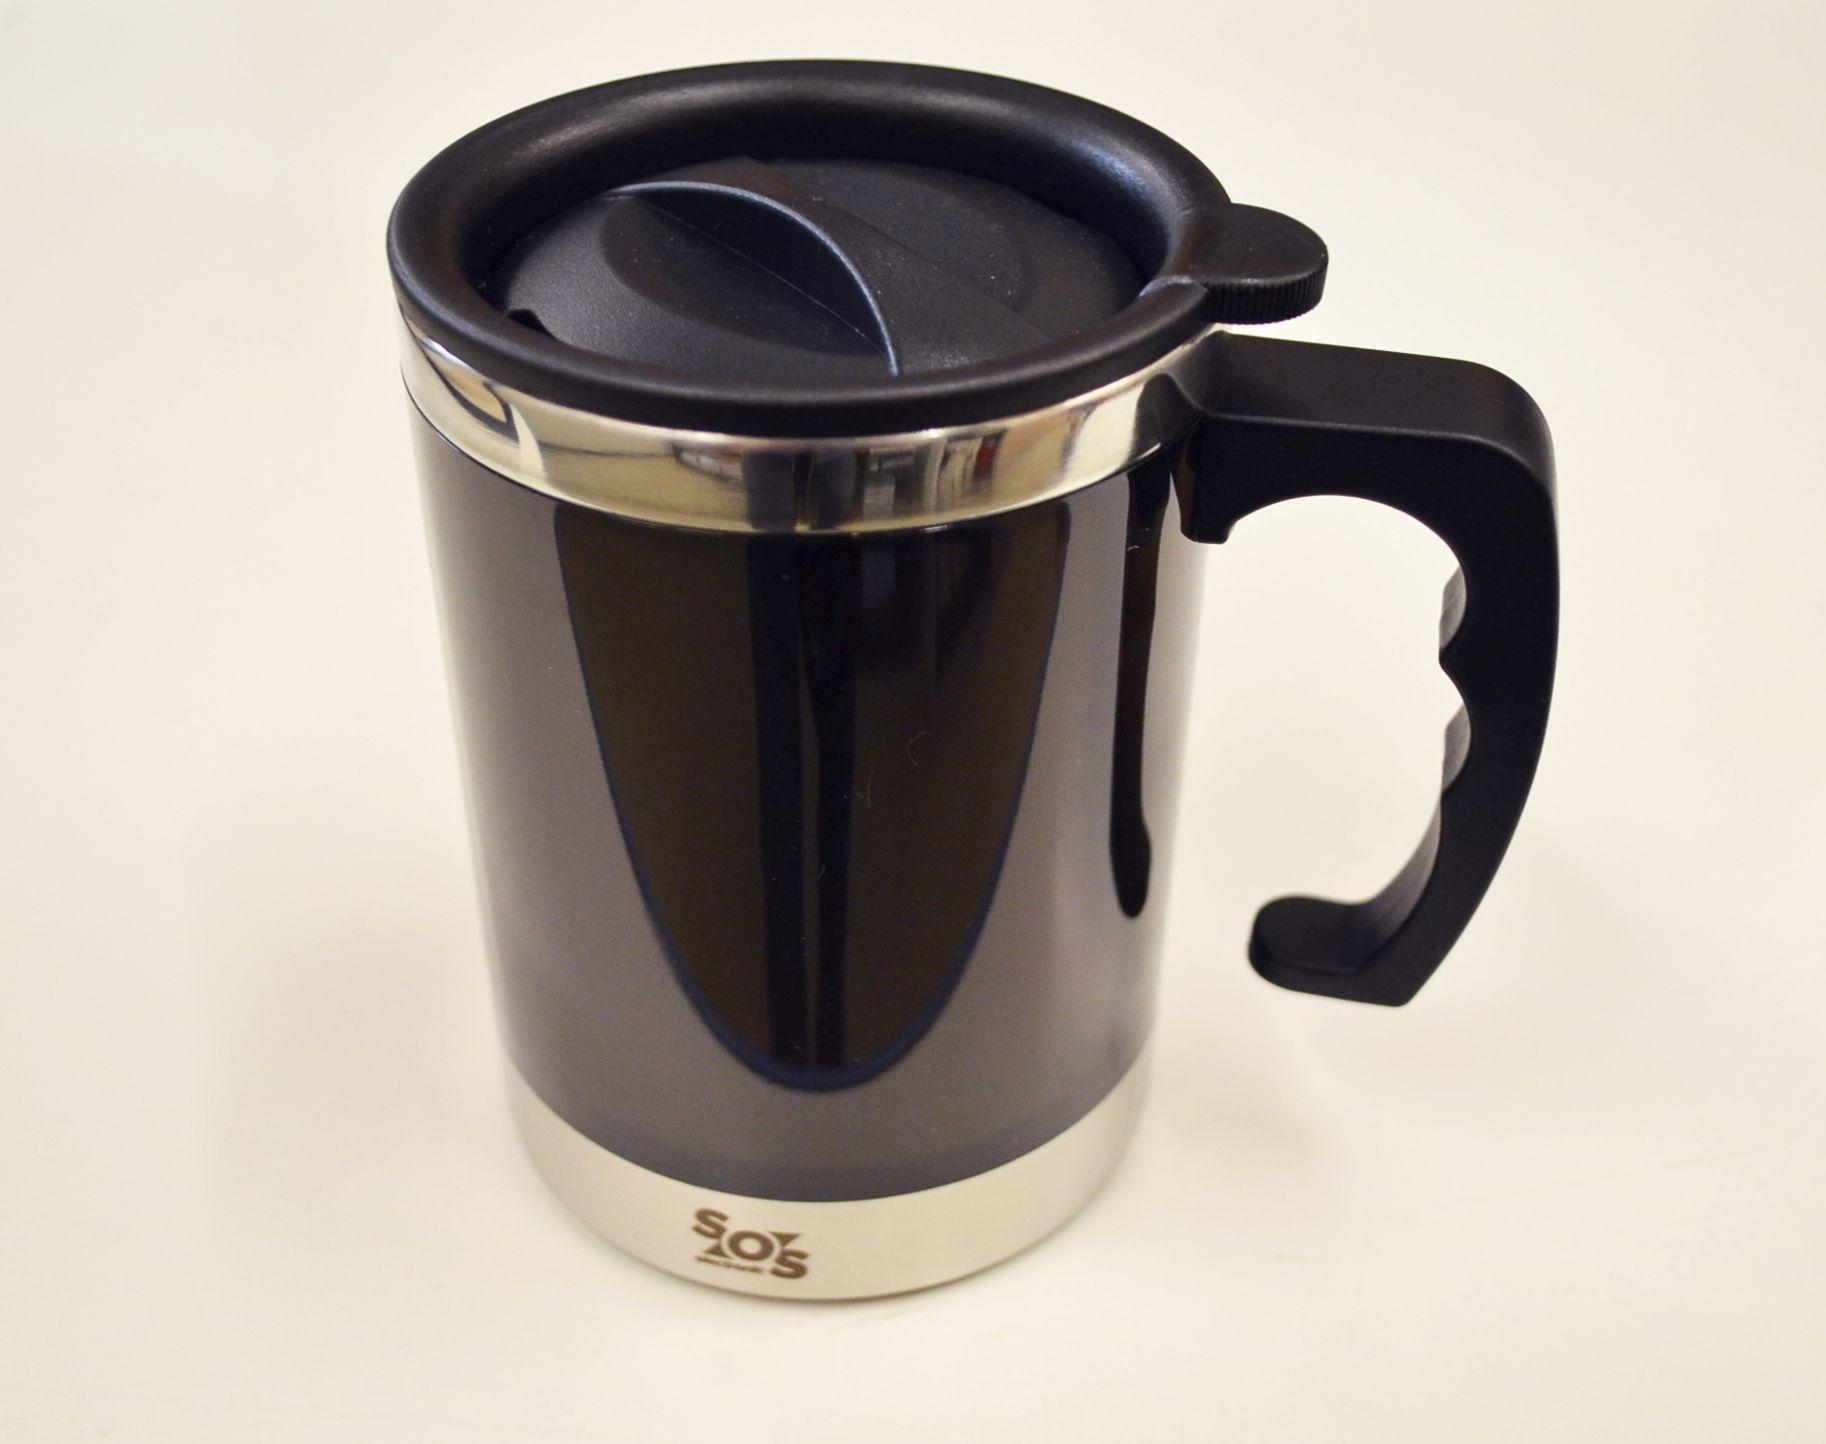 SOS-Thermo Mug 400 ml